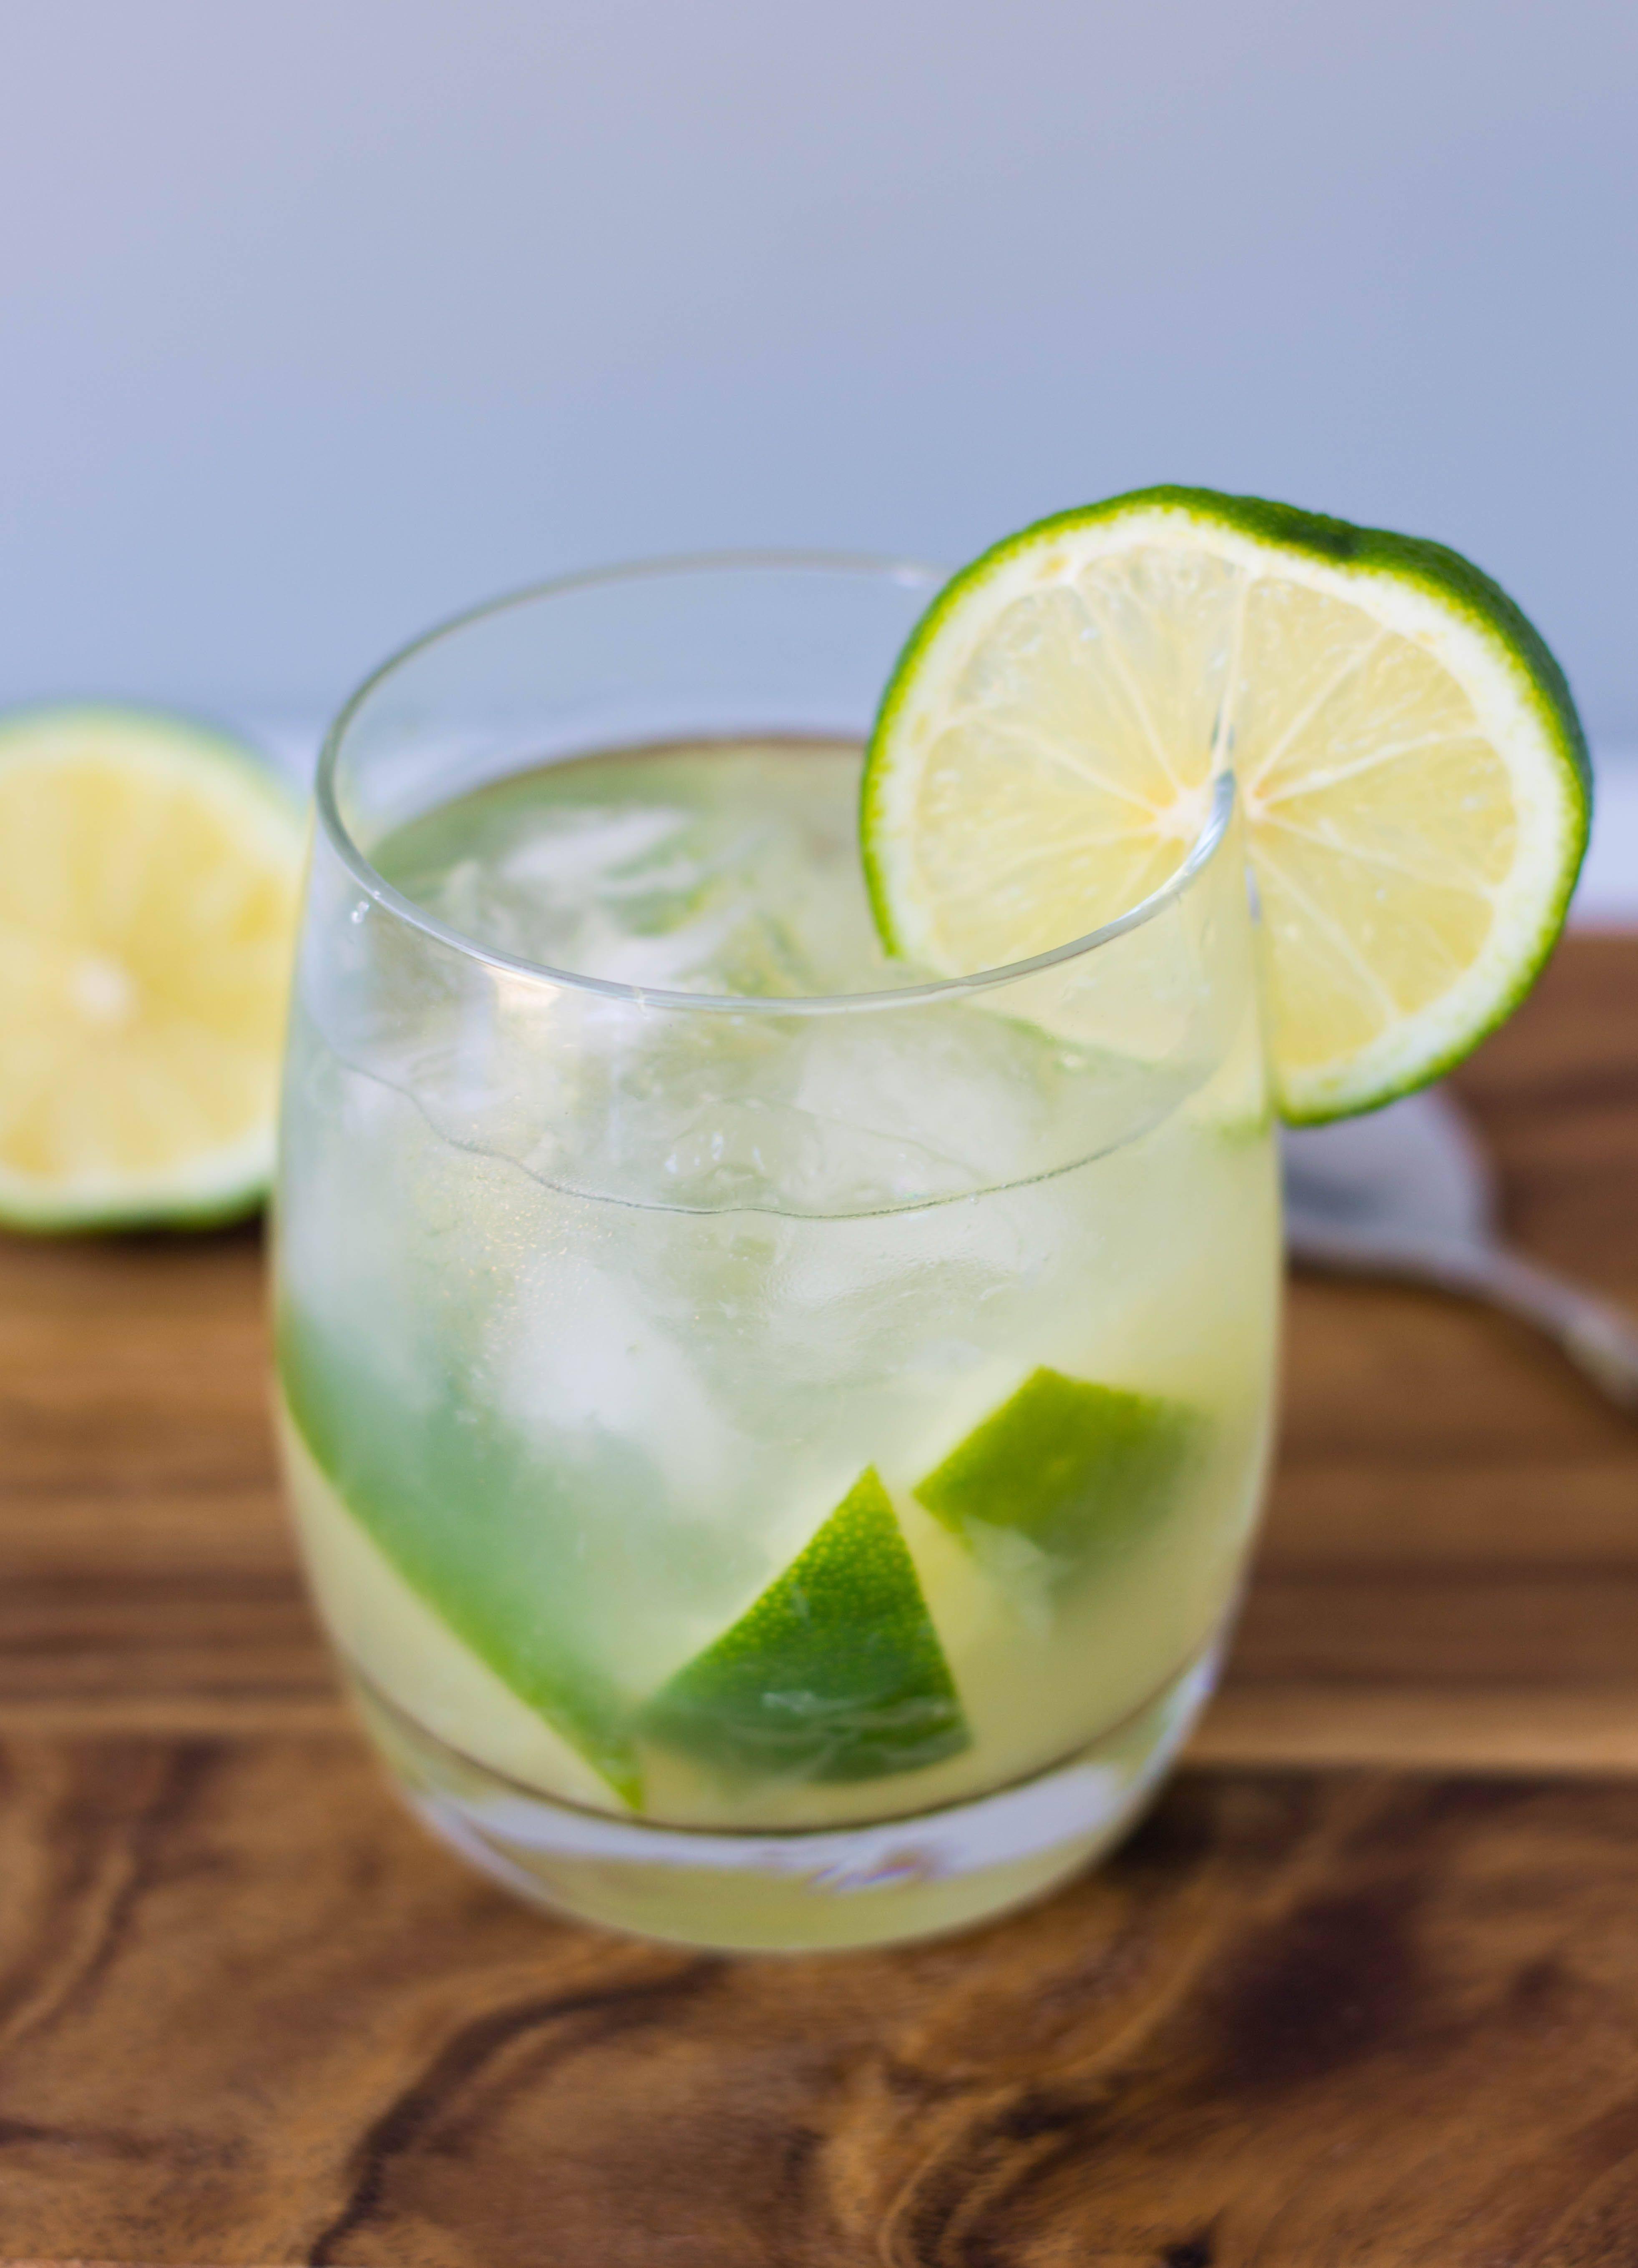 Коктейли с апероль: рецепты, составы, варианты применения, пропорции и лучшие сочетания в коктейлях (125 фото)